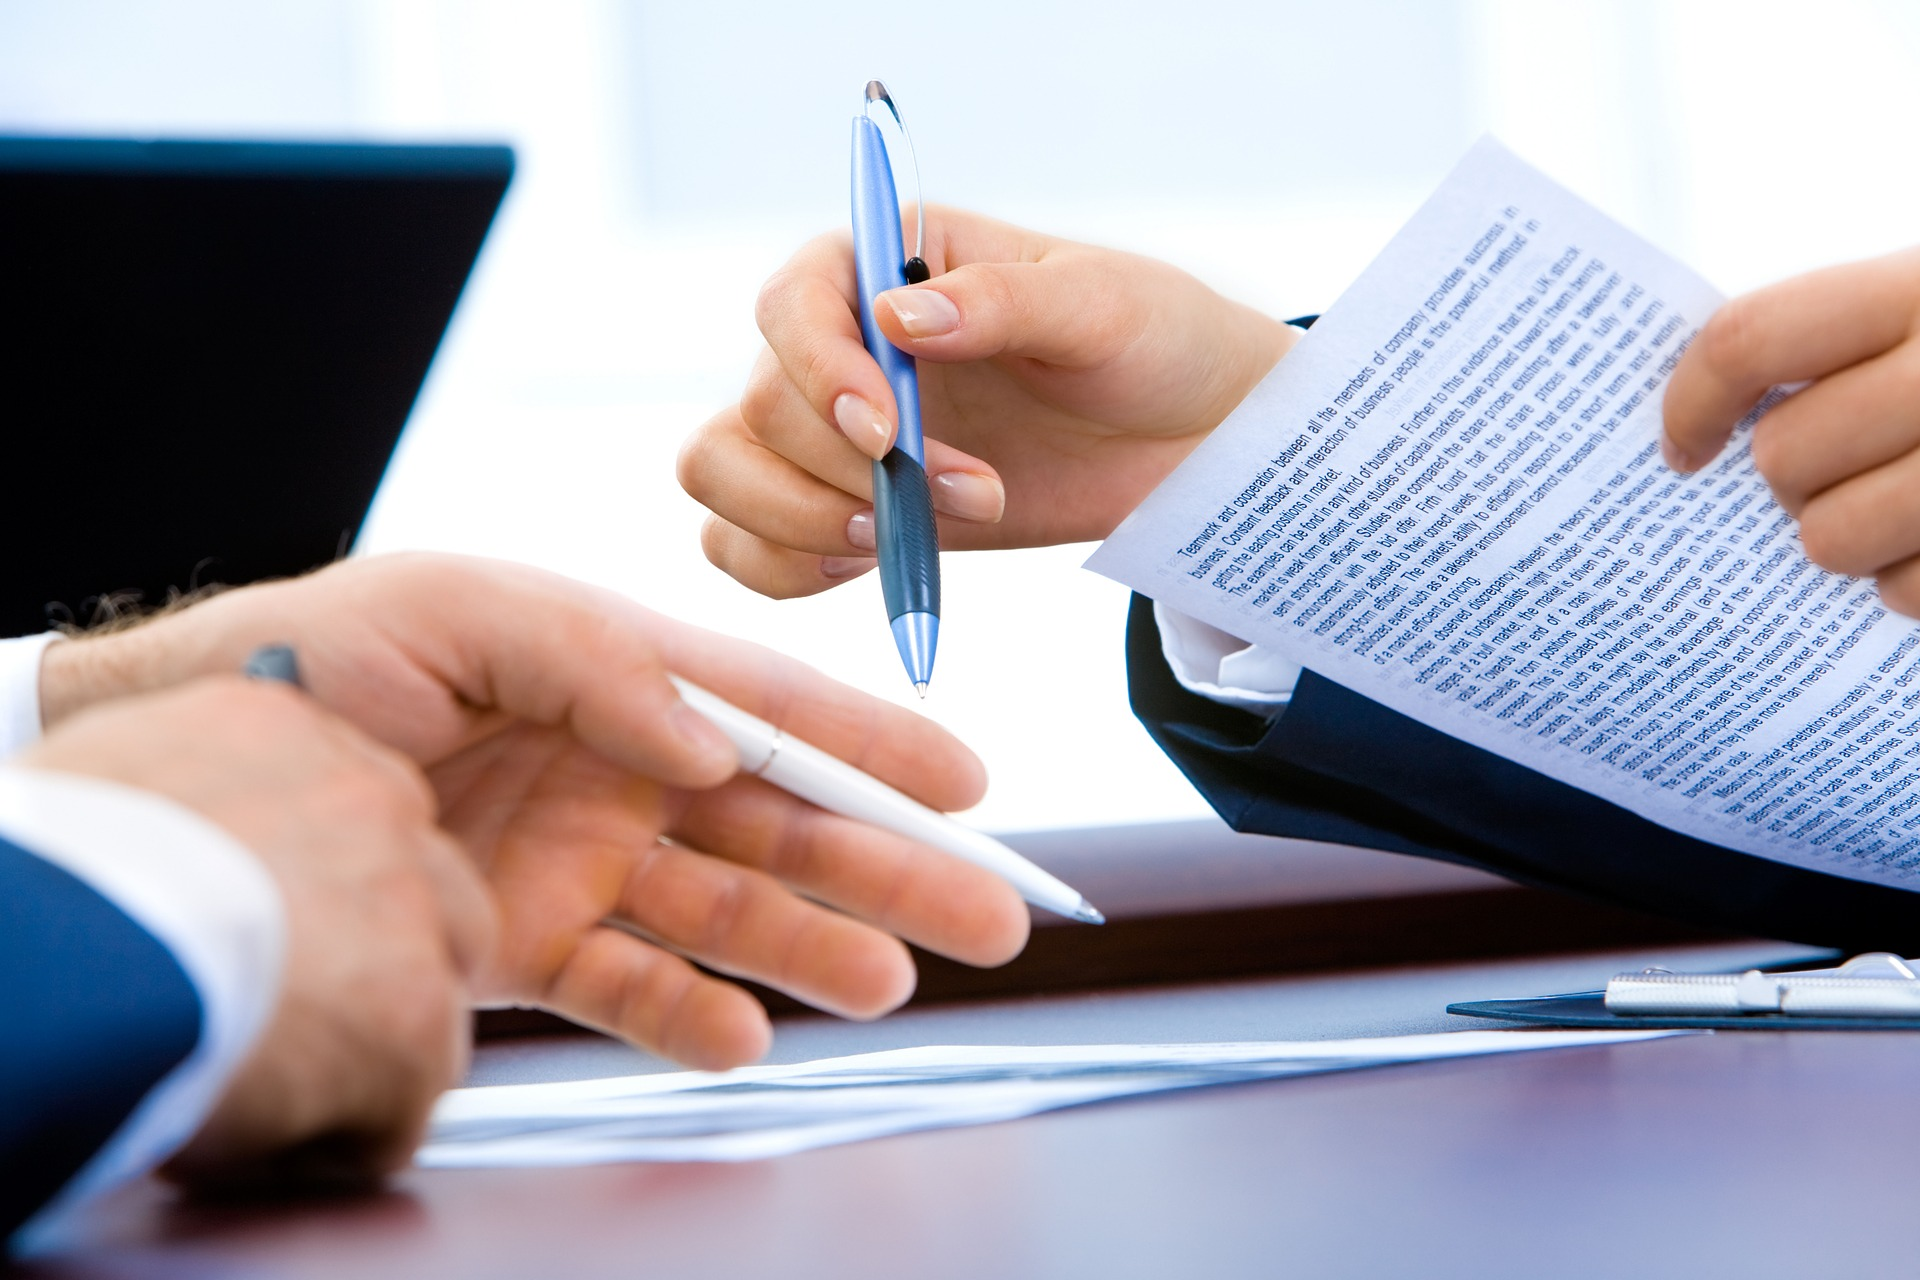 Patto di prova nel contratto di lavoro: può essere prorogato?